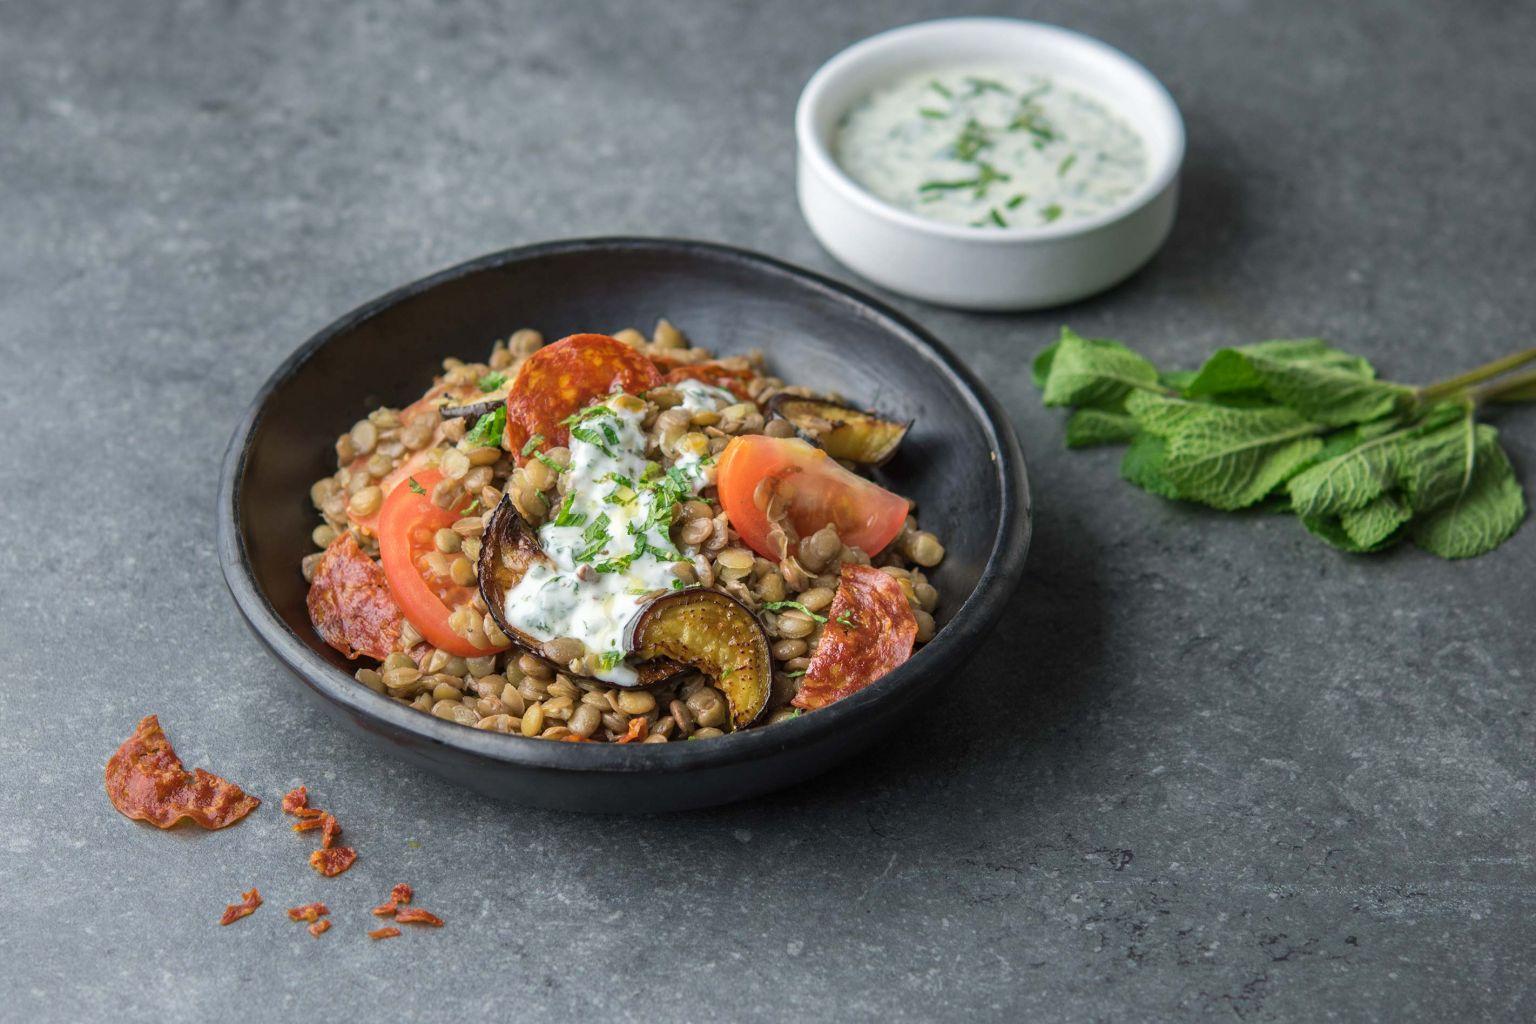 Recette salade de lentilles blondes l 39 aubergine et chorizo quitoque - Comment cuisiner des lentilles blondes ...